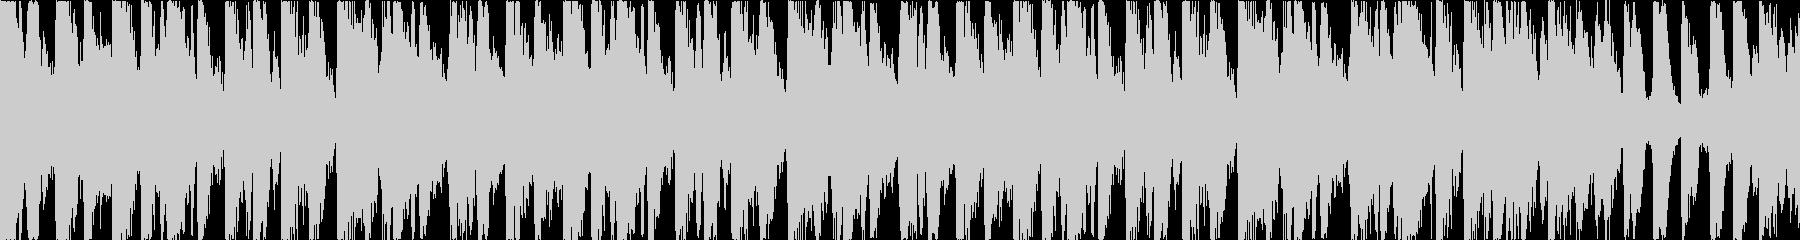 【ループC】ゴキゲンなスウィングをダンスの未再生の波形